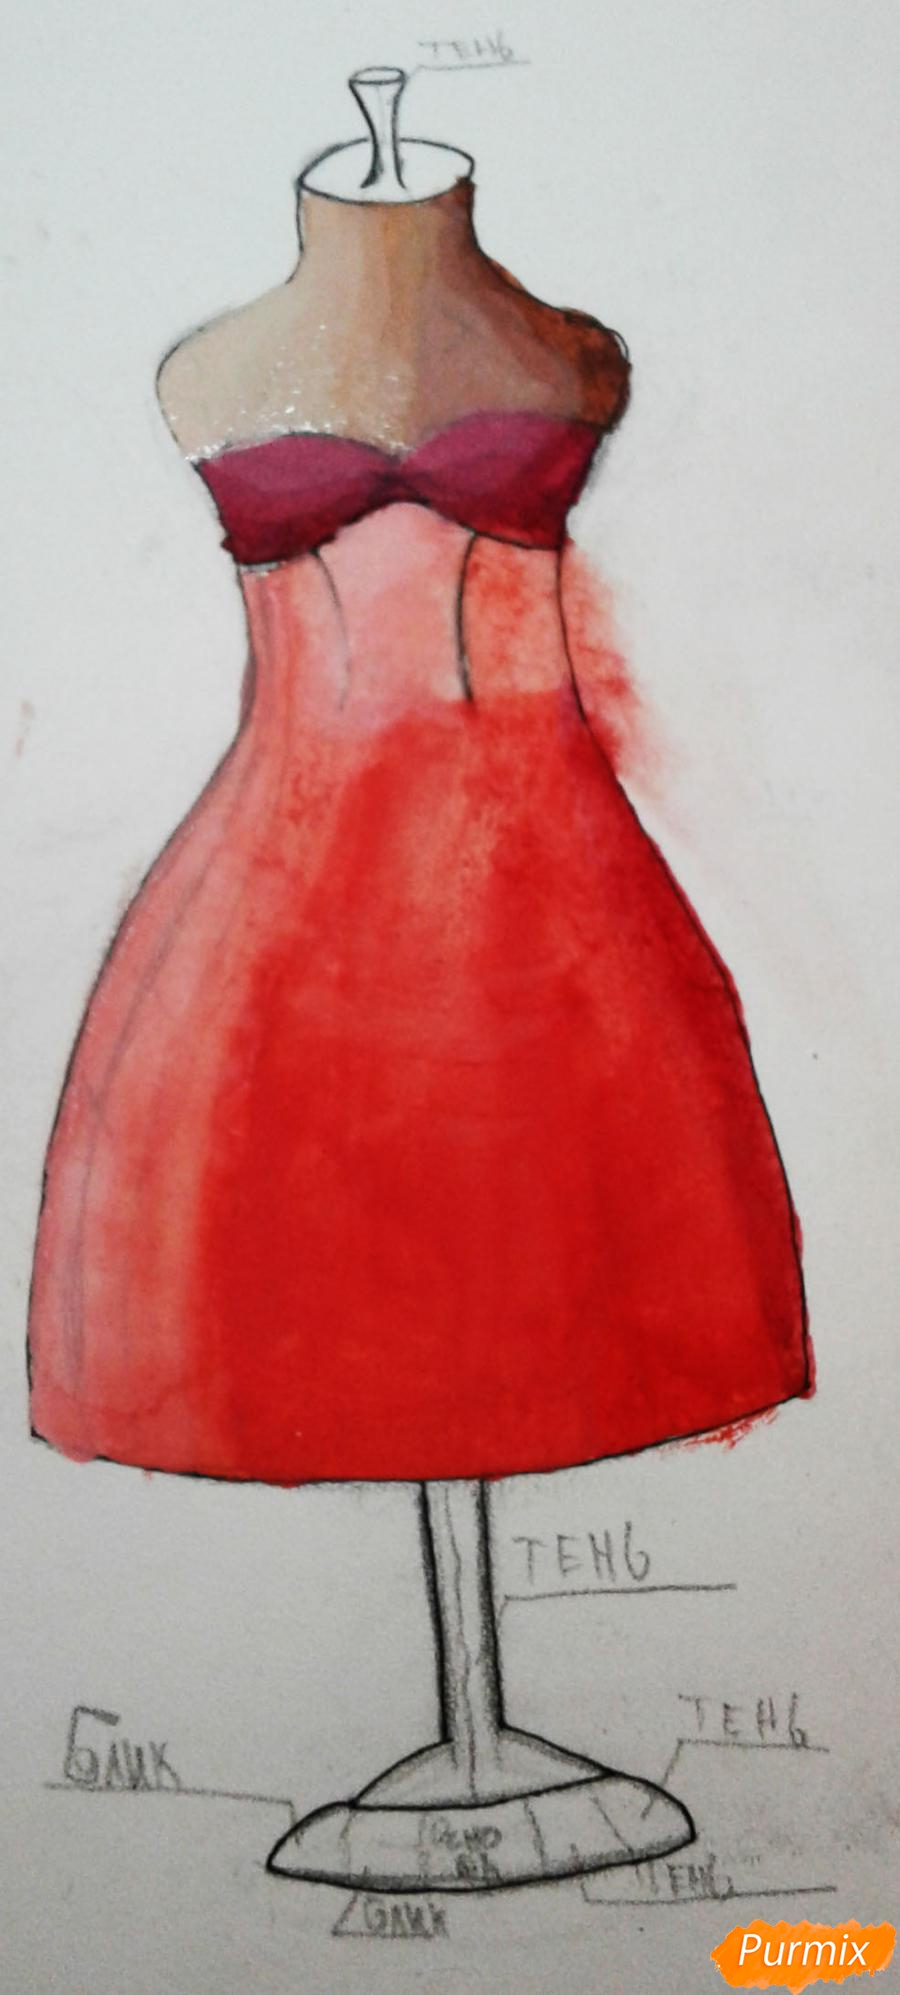 Рисуем и раскрасить платье на манекене акварелью - шаг 8